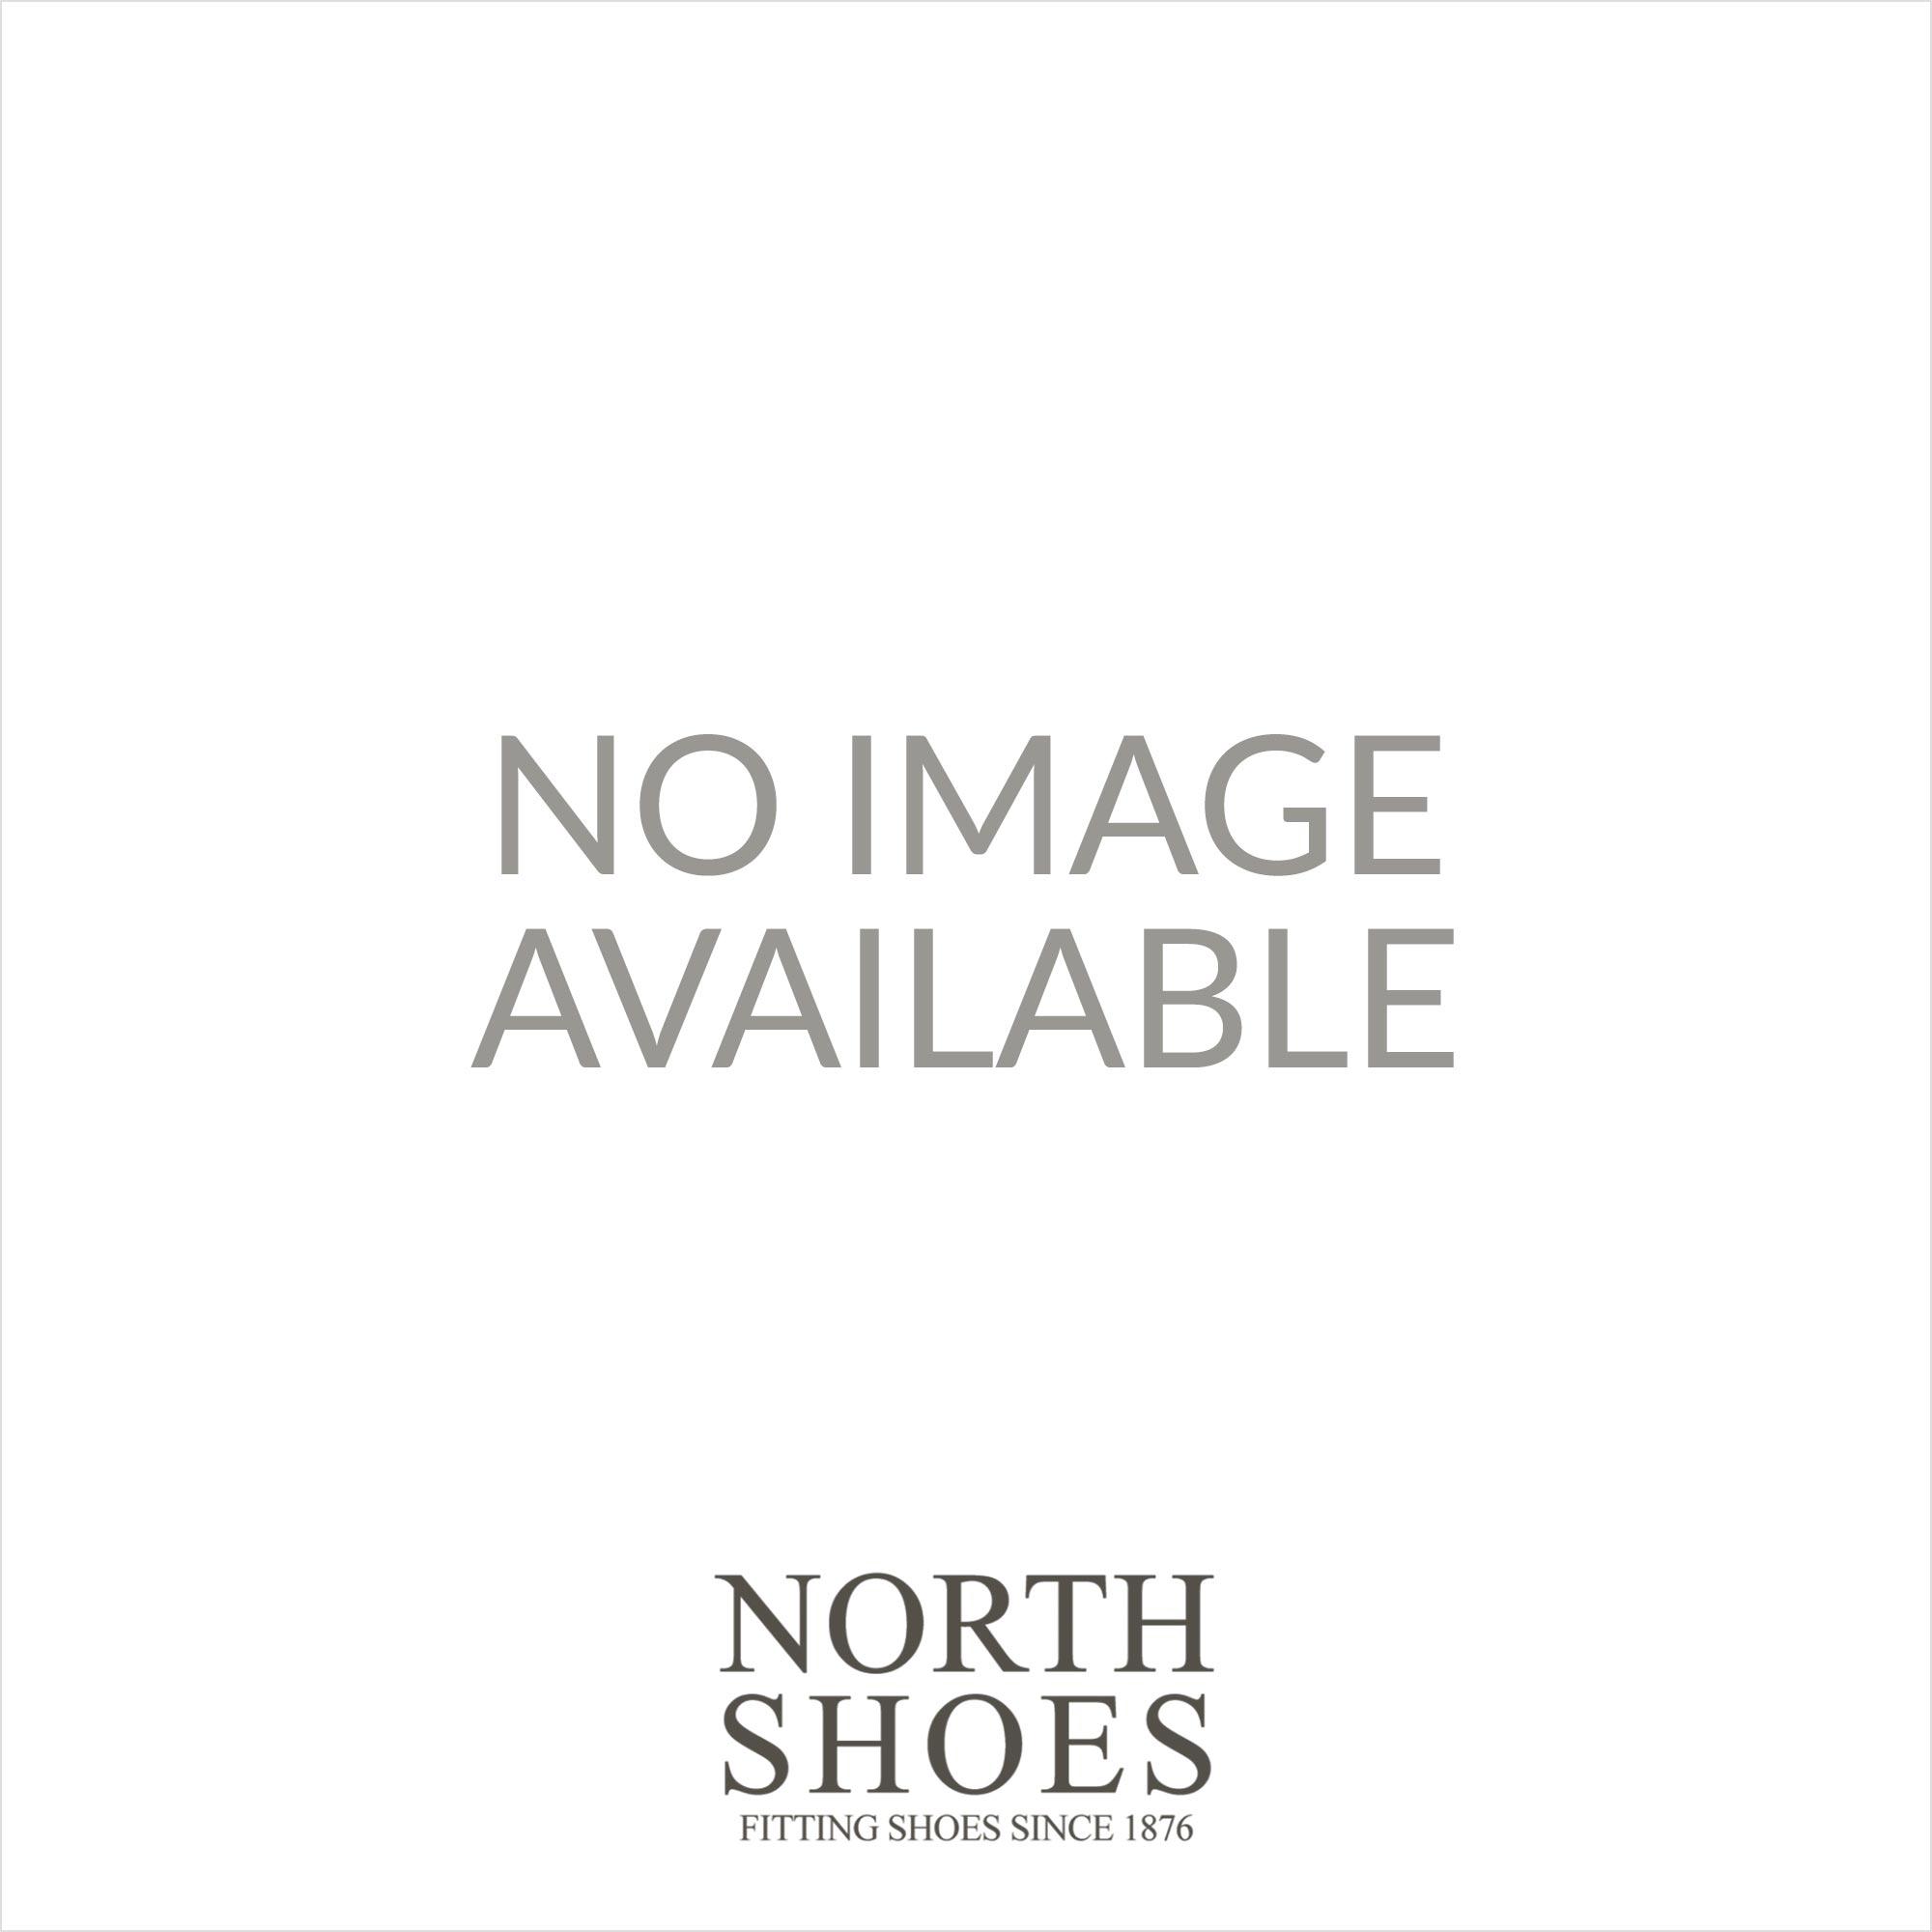 291b66ffc9 Clarks Amali Jewel Bronze Leather Womens Stiletto Strappy Sandal - UK 5½